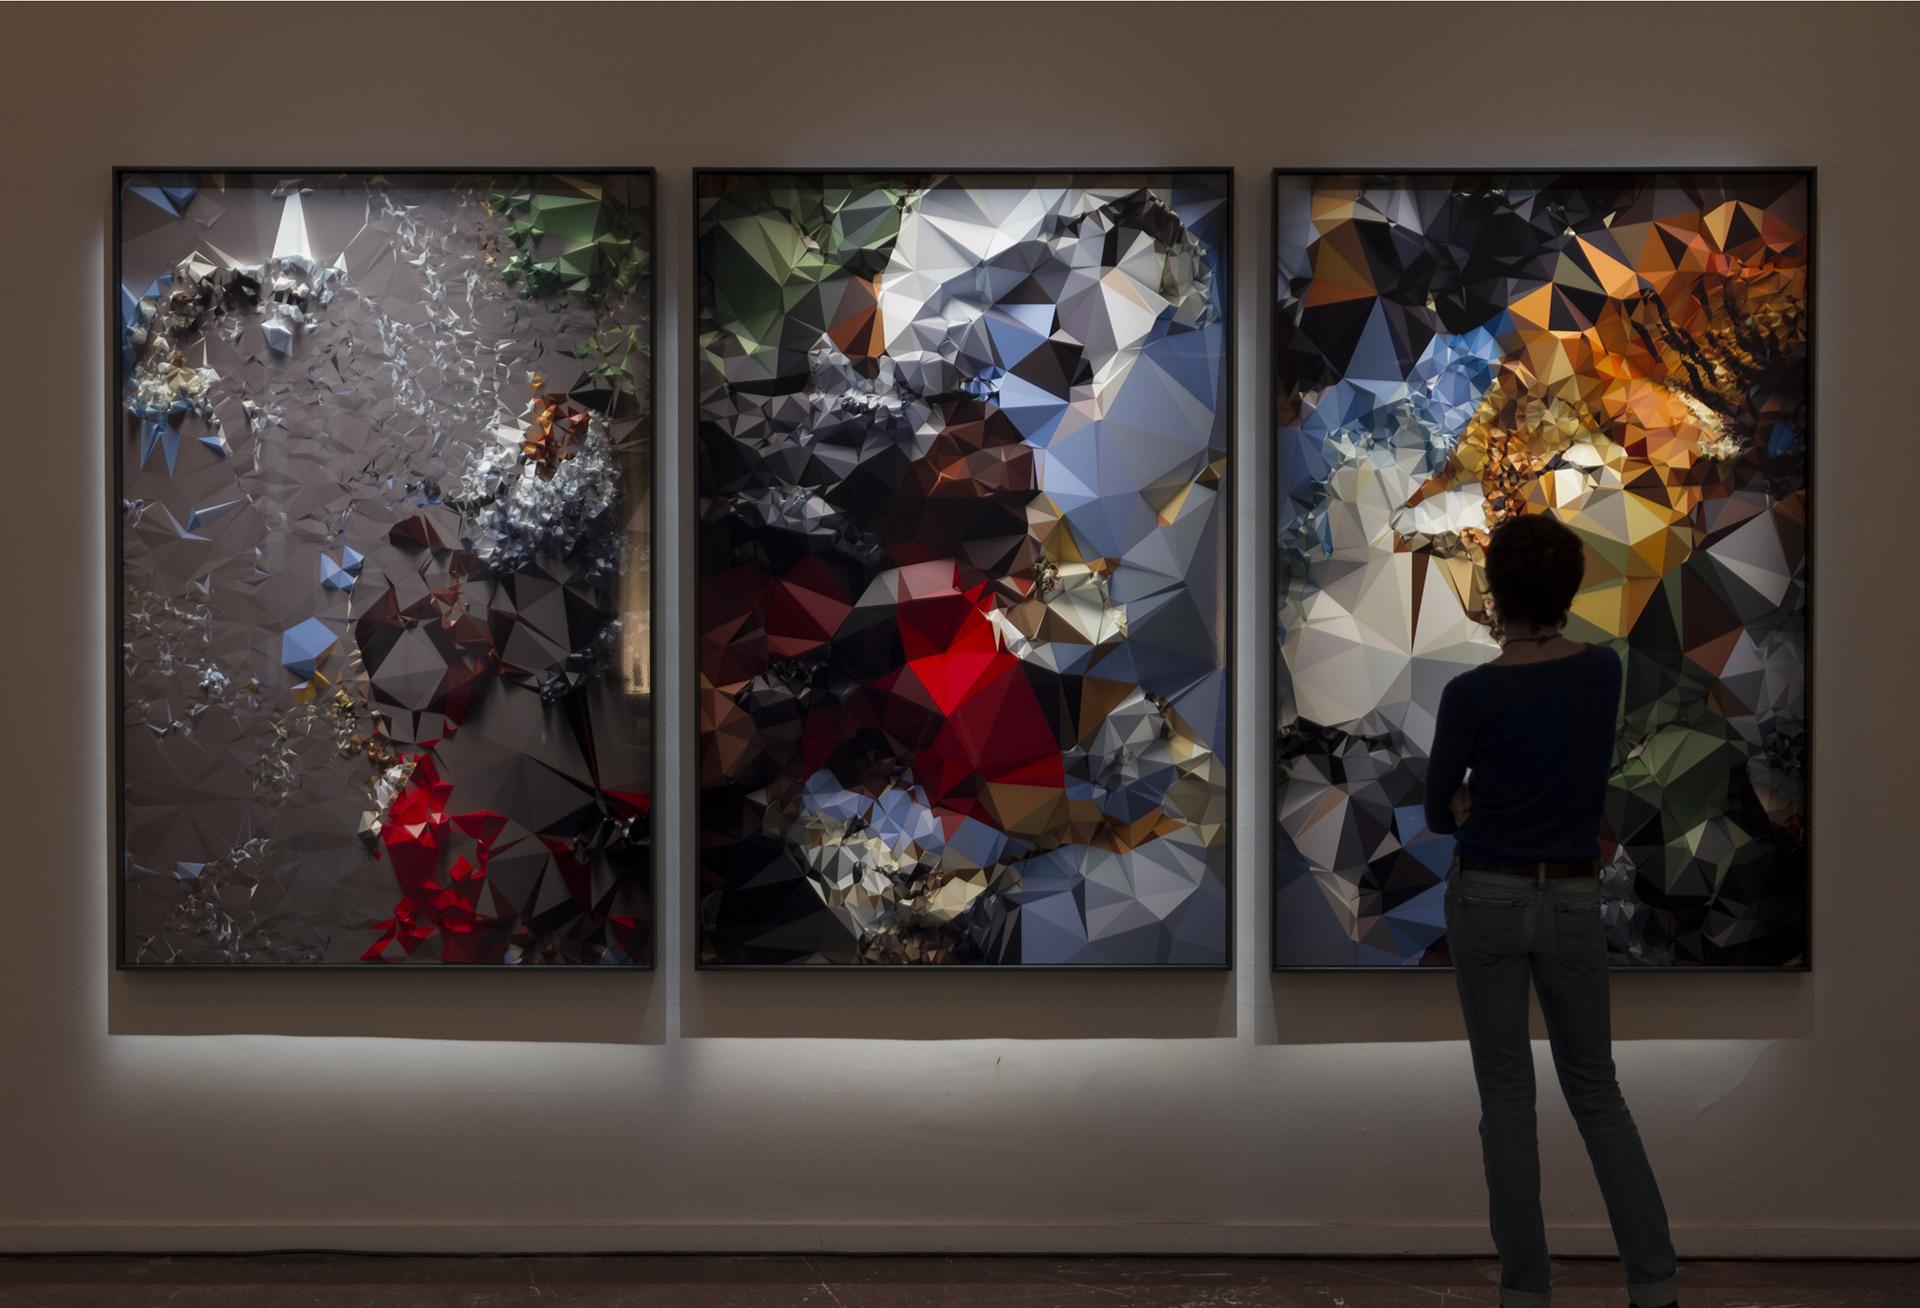 La natura e l'arte classica nell'era della tecnologia. Quayola in mostra a Roma